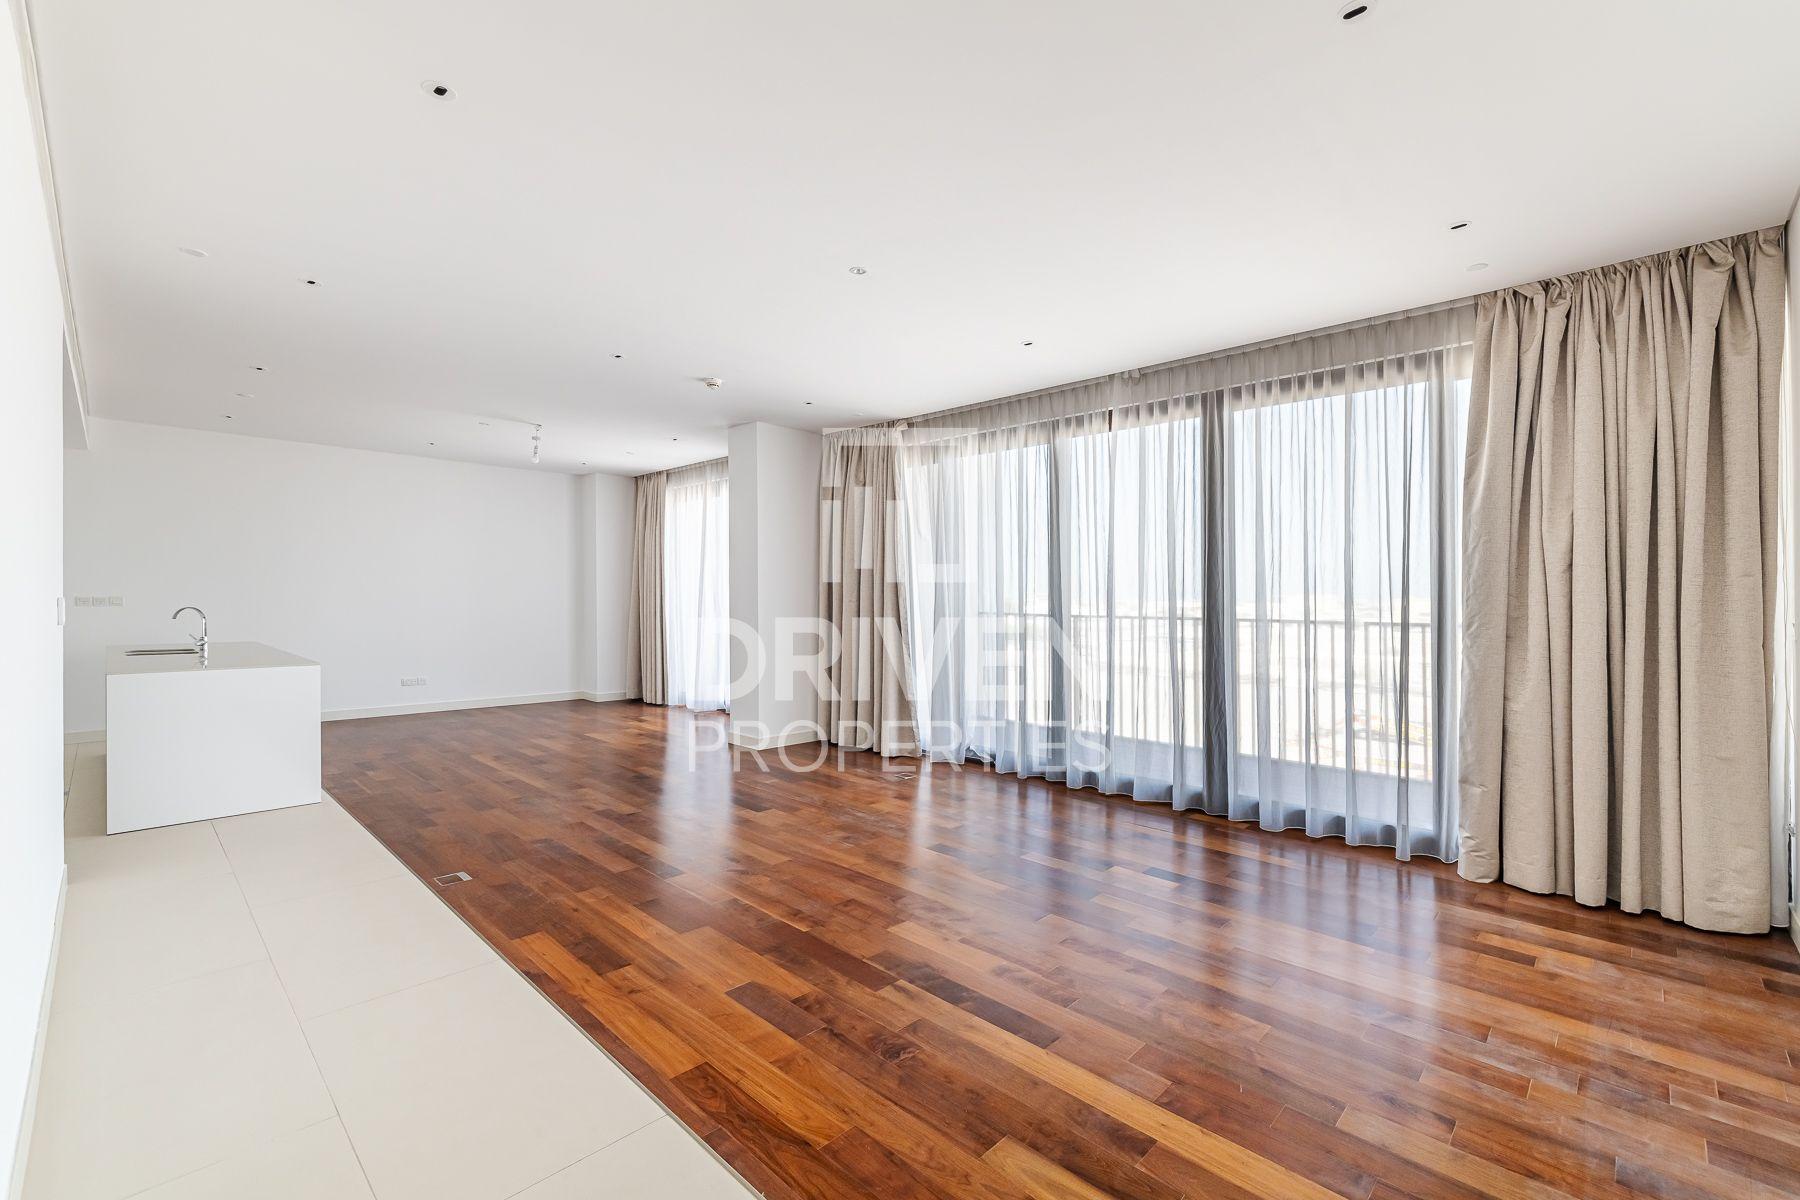 2,323 قدم مربع  شقة - للايجار - سيتي ووك